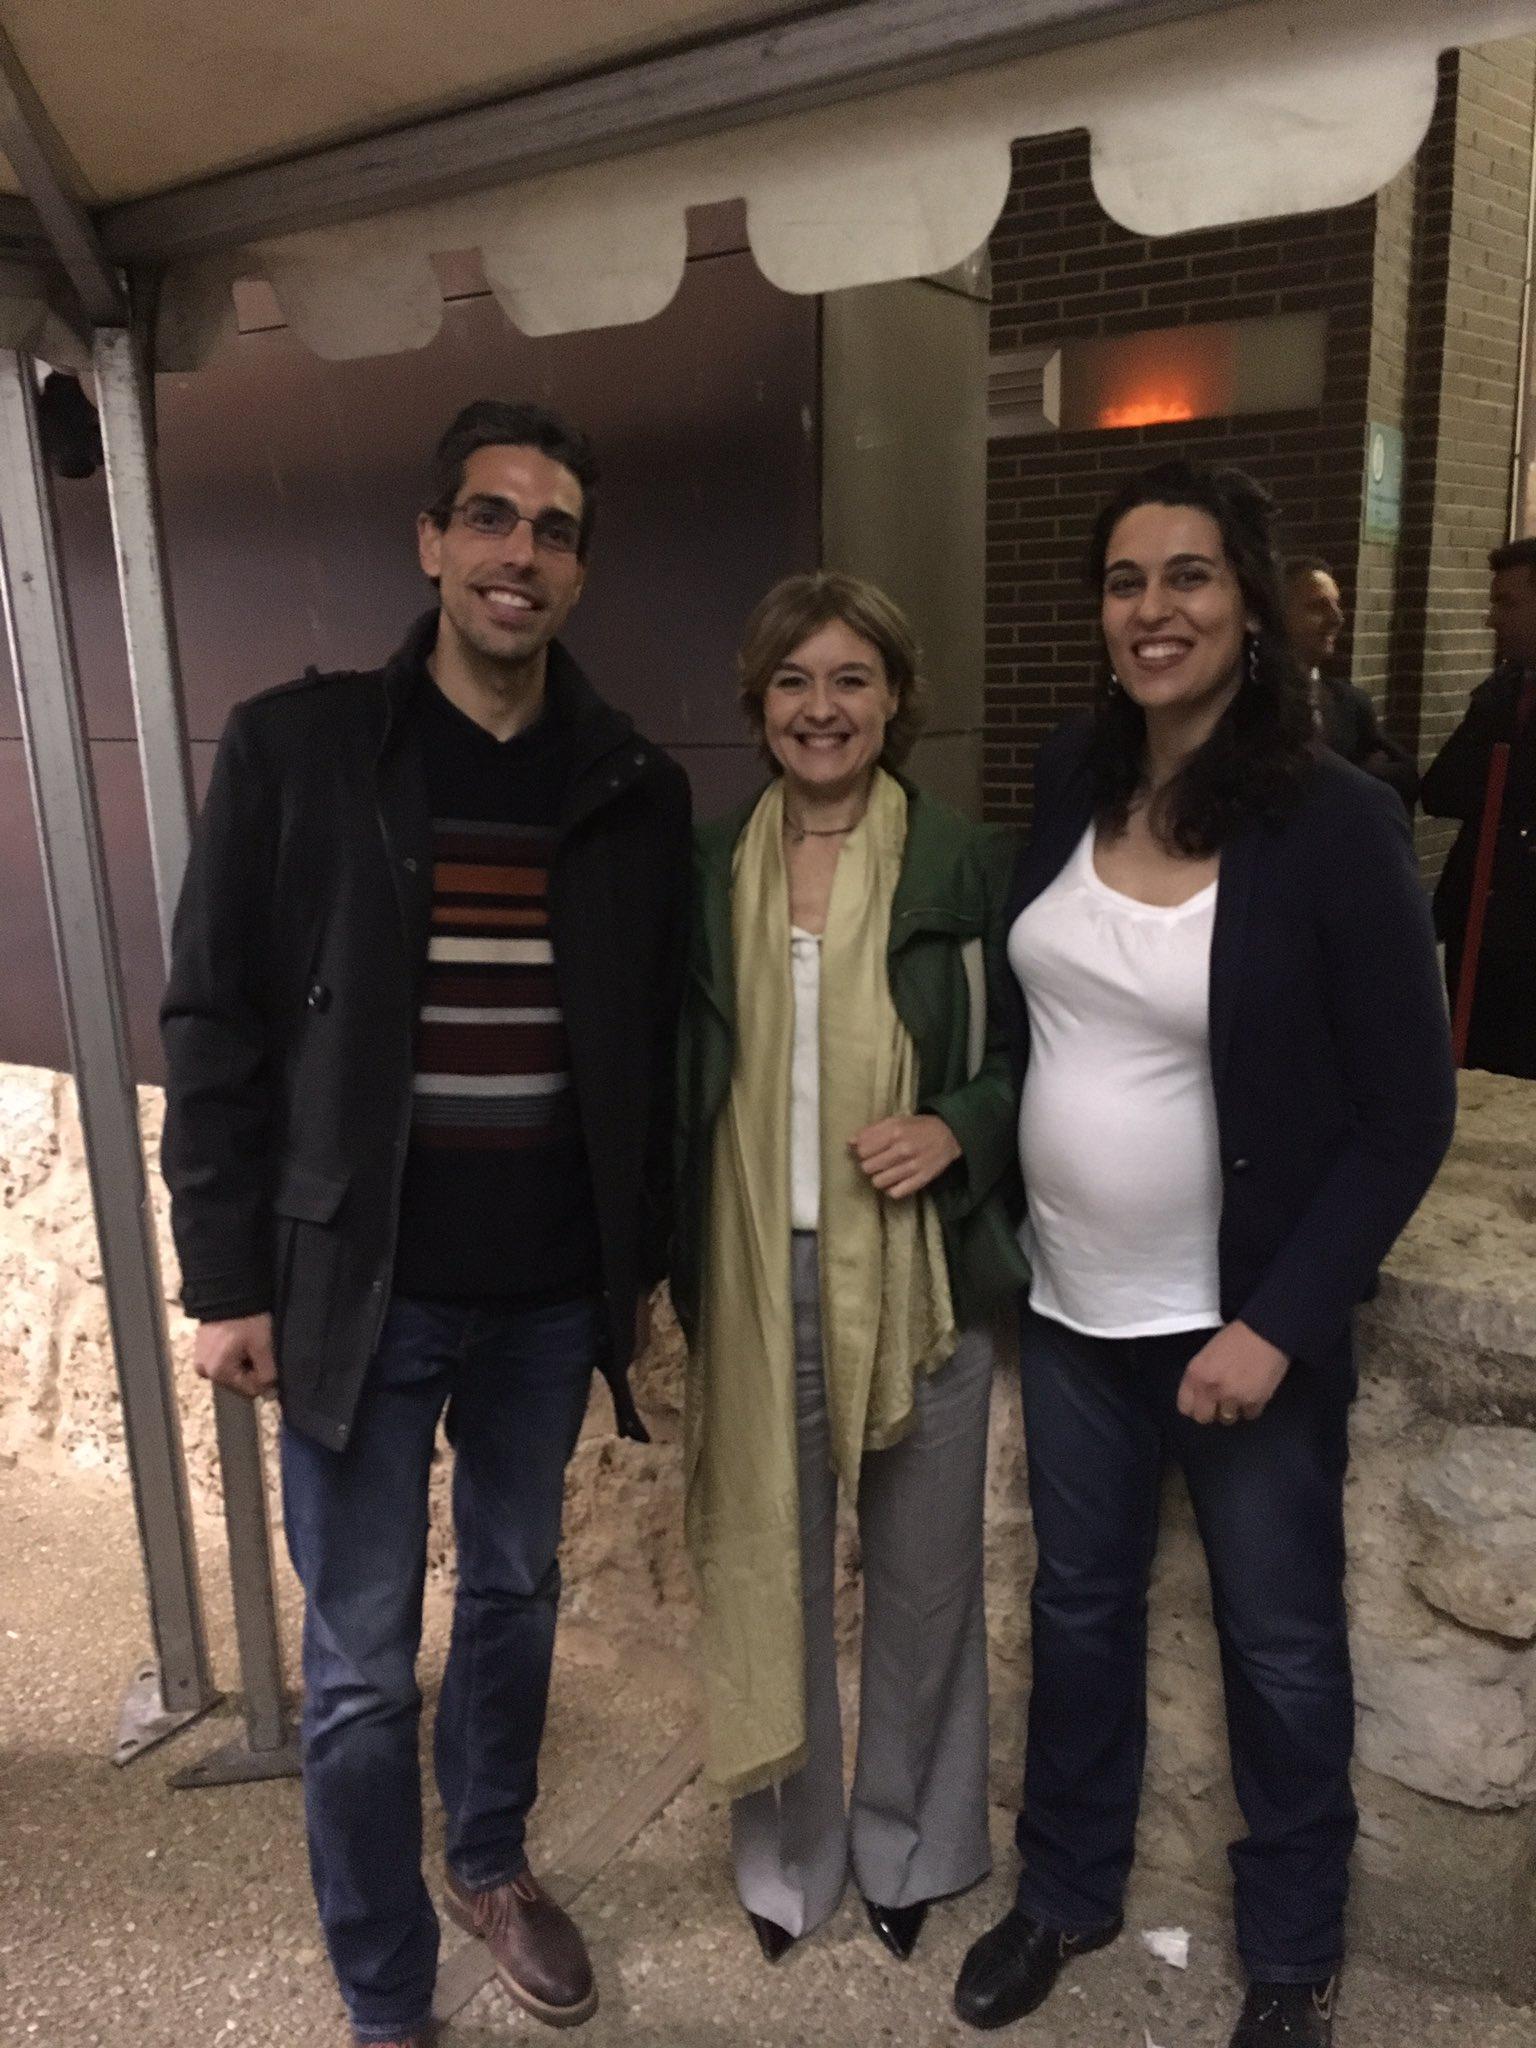 Dos de los socios de #ovinotg con Ia ministra Isabel García Tejerina tras los #PremiosSurcos #OscarsDelCampo #rtvecyl  #autillodecampos https://t.co/GHCMIlgobl